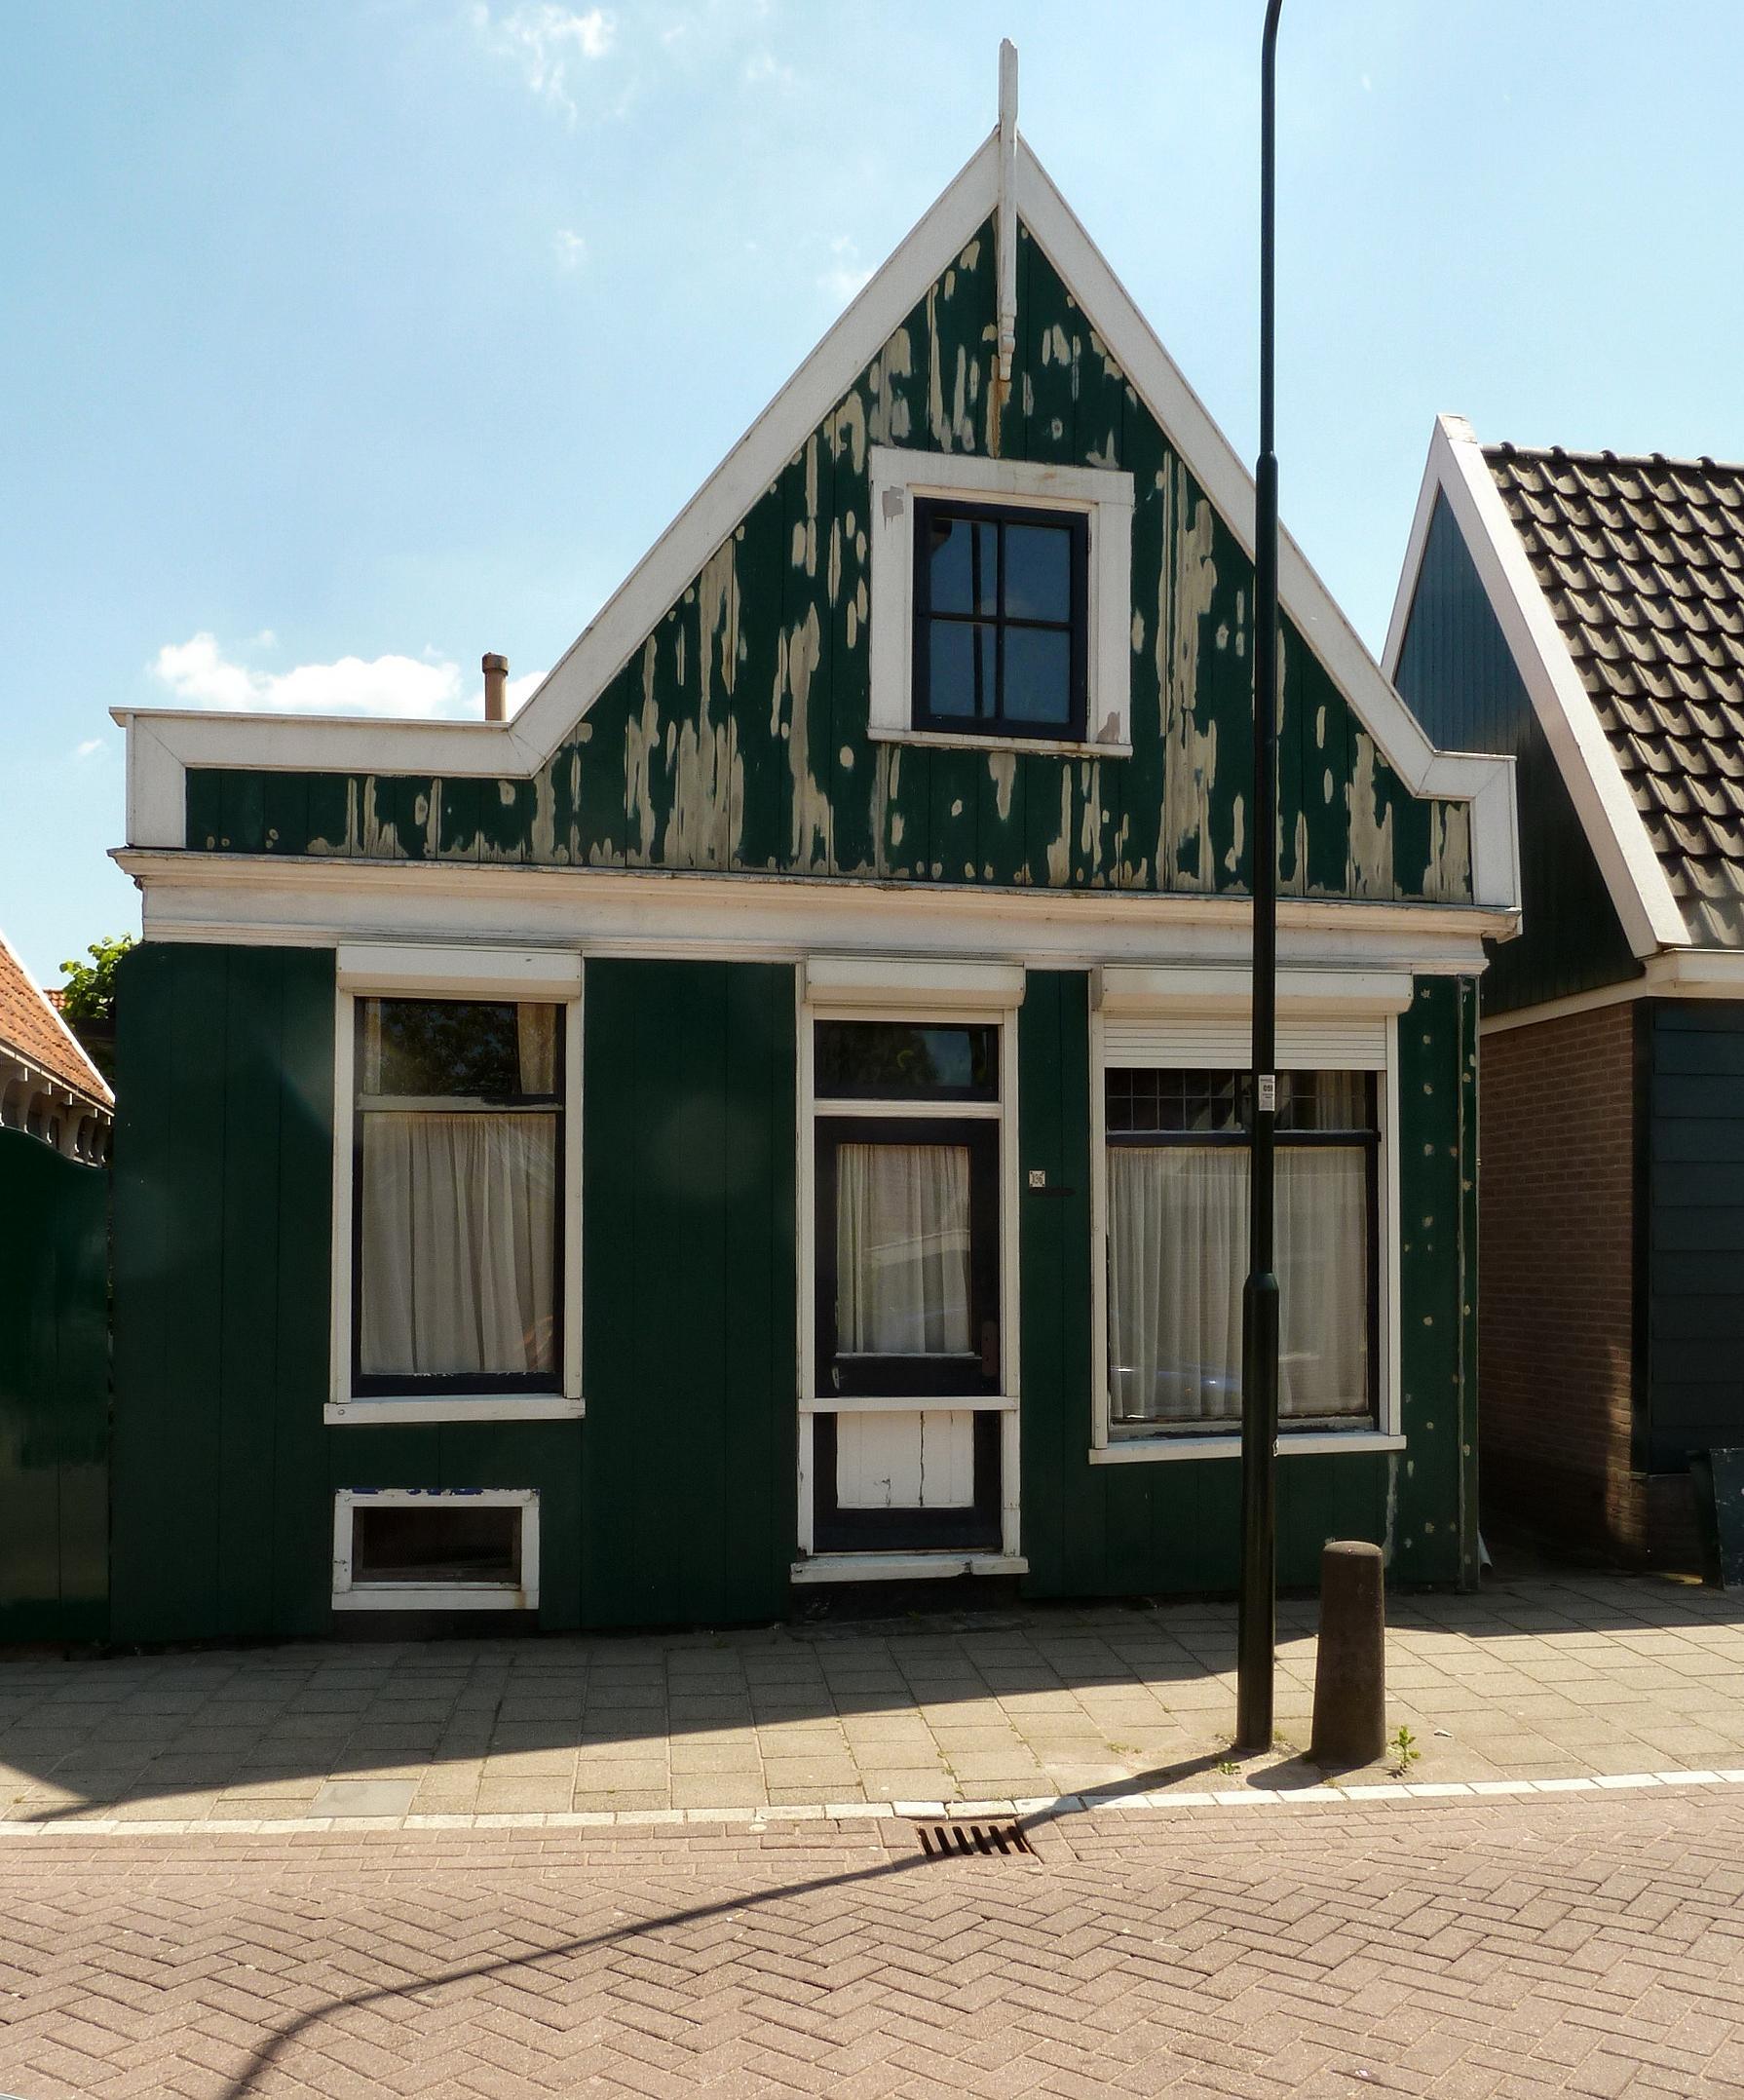 Houten huis in krommenie monument - Houten huis ...